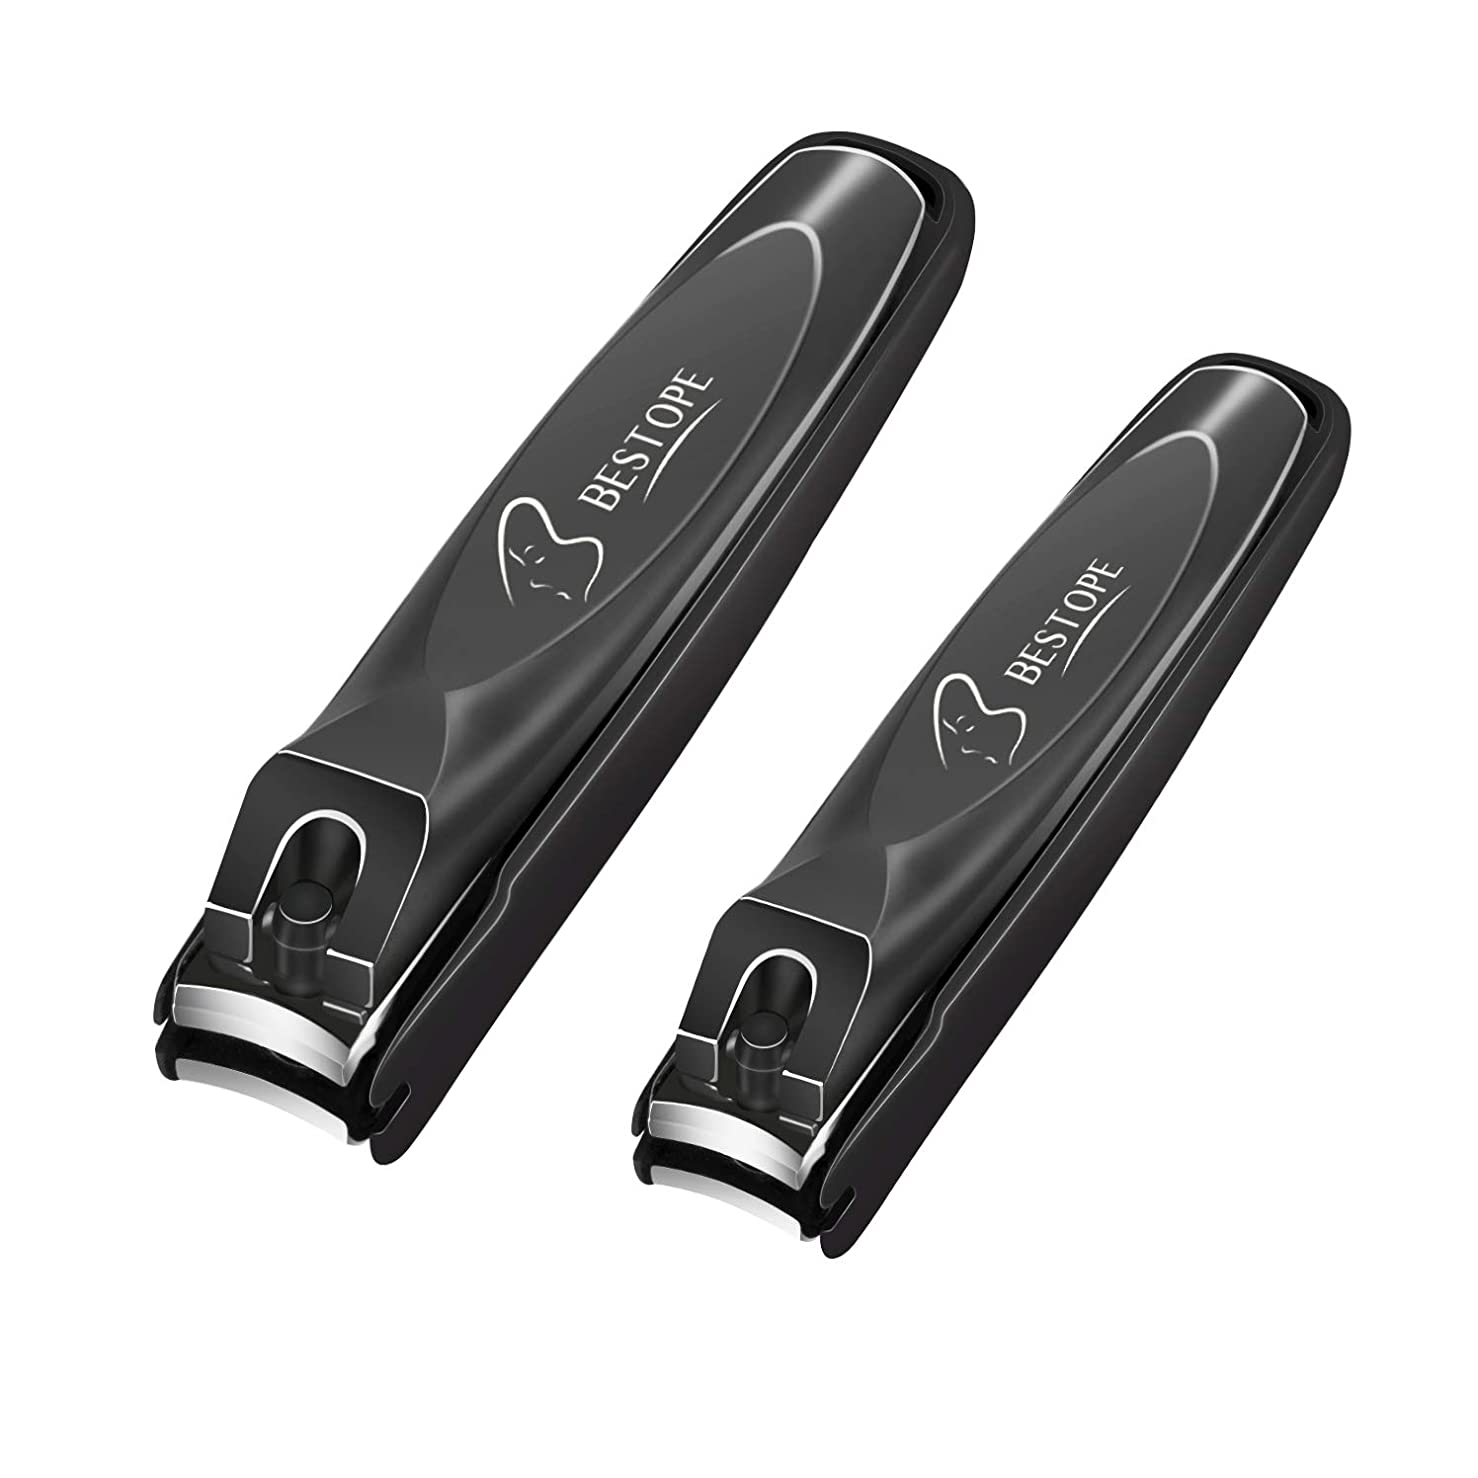 側面極小トロリーBESTOPE 爪切り カバー付き ステンレス鋼製 爪やすり付き 飛び散り防止 手足用 2本セット